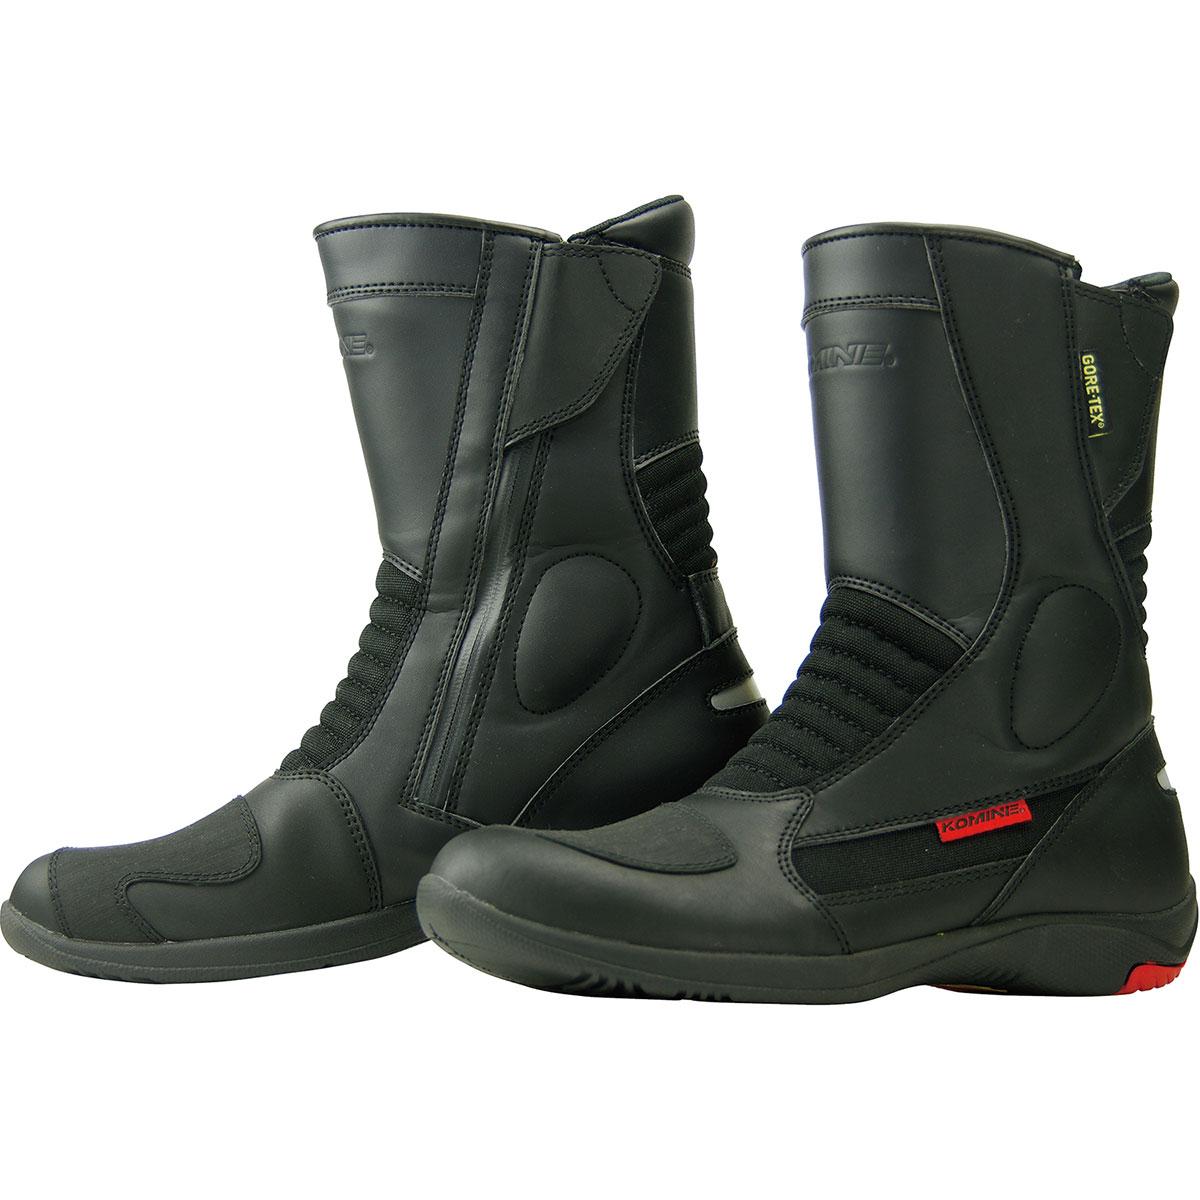 コミネ (Komine) バイク用 フットウェア シューズ ブーツ footwear Shoes Boots BK-070 GORE-TEX?ショートブーツ-グランデ ブラック 黒 25.0cm 05-070/24.5